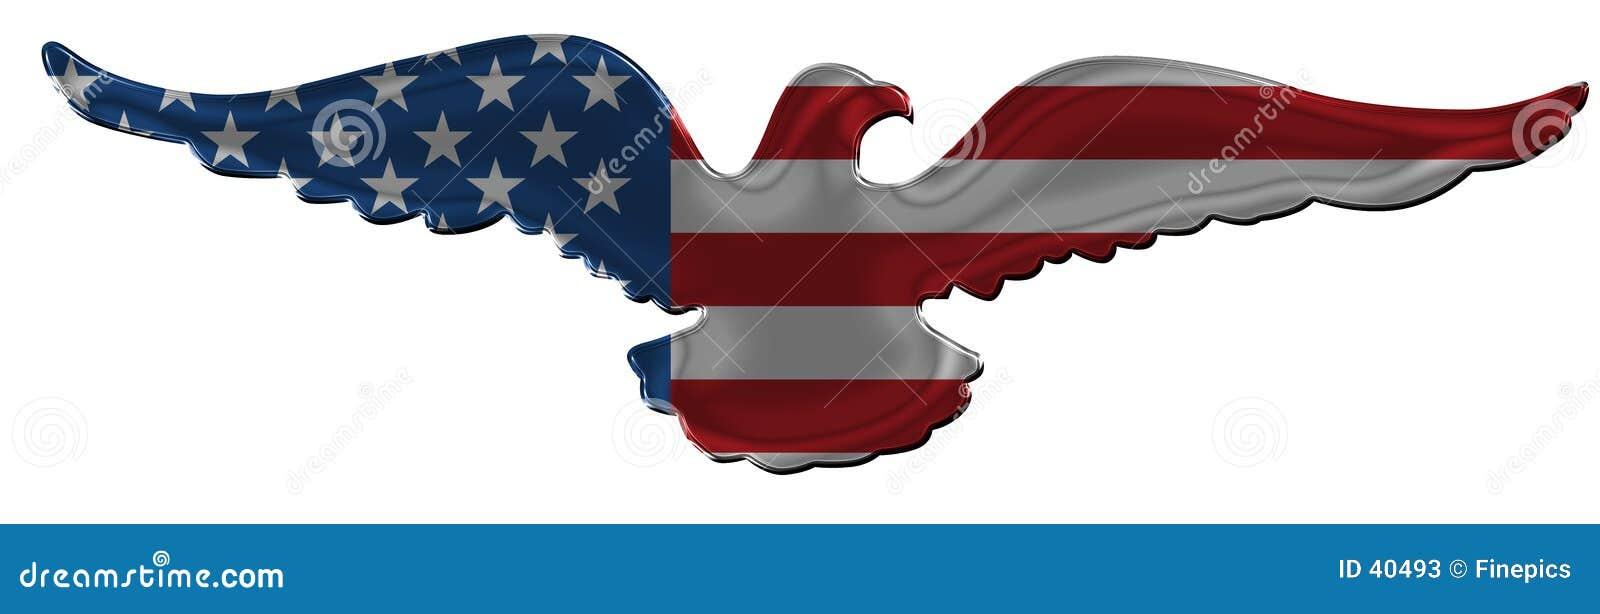 Amerikansk örn för emblem 2